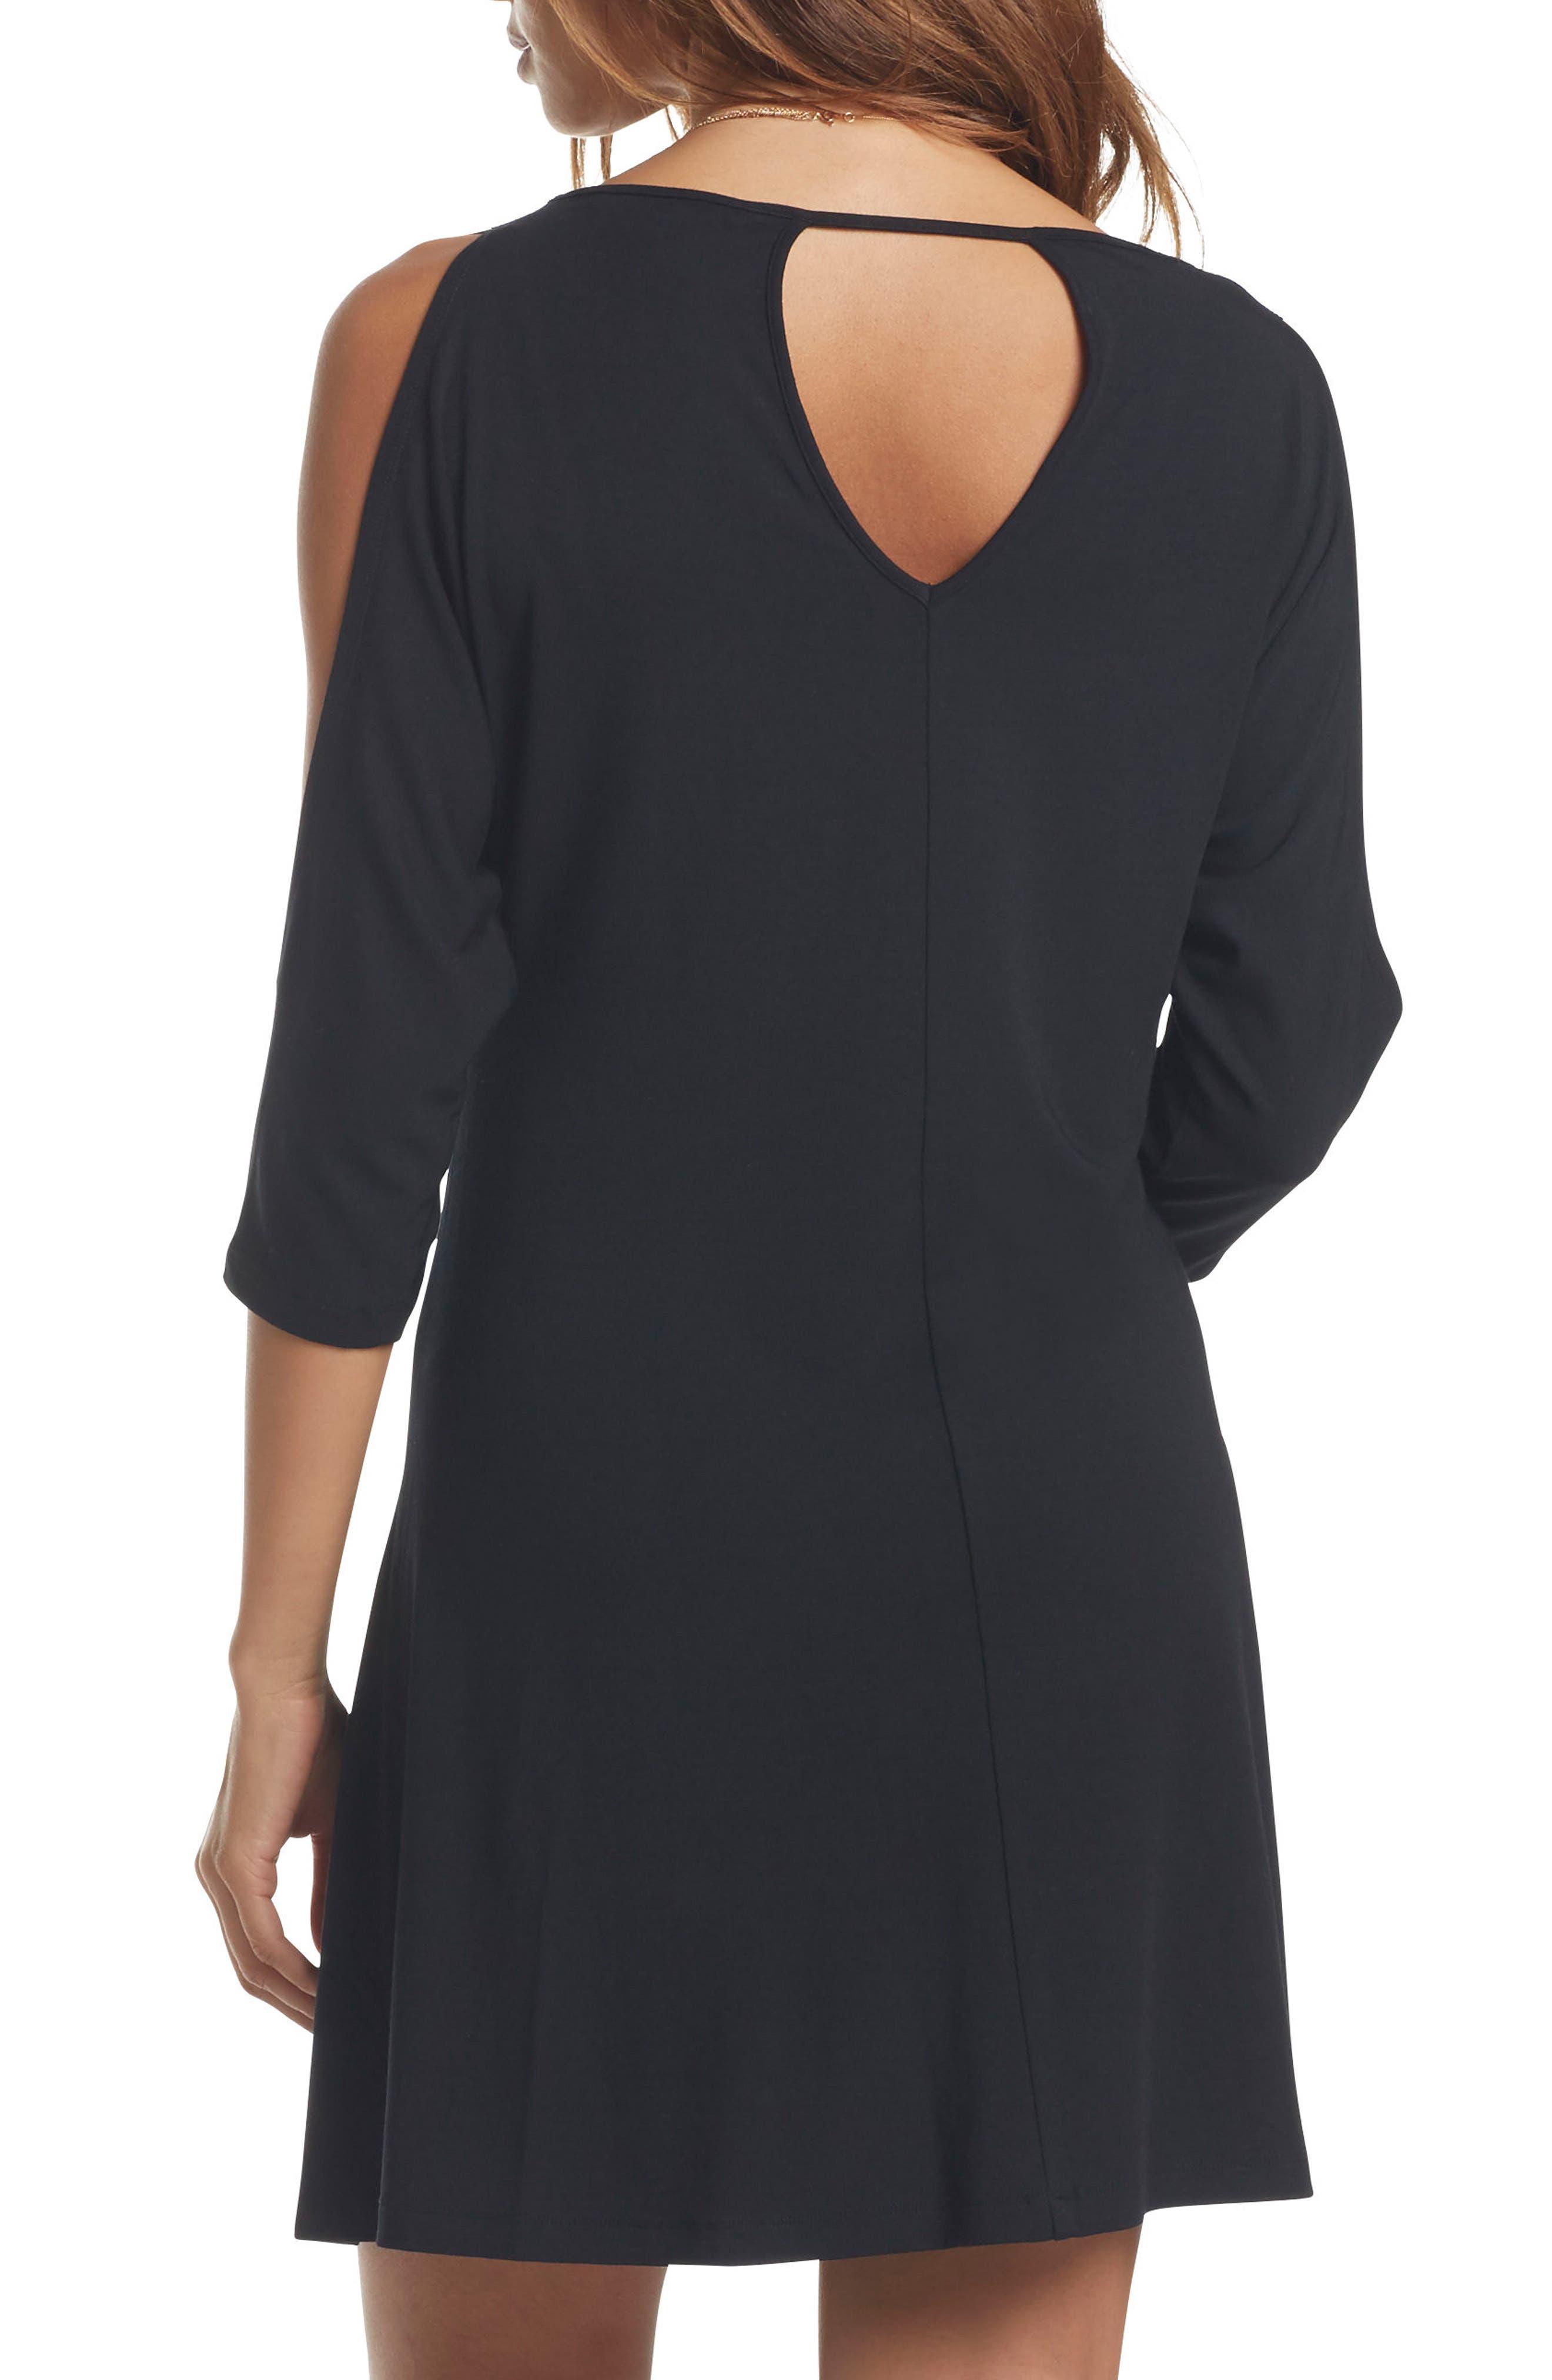 Naya Cold Shoulder Maternity Dress,                             Alternate thumbnail 2, color,                             BLACK